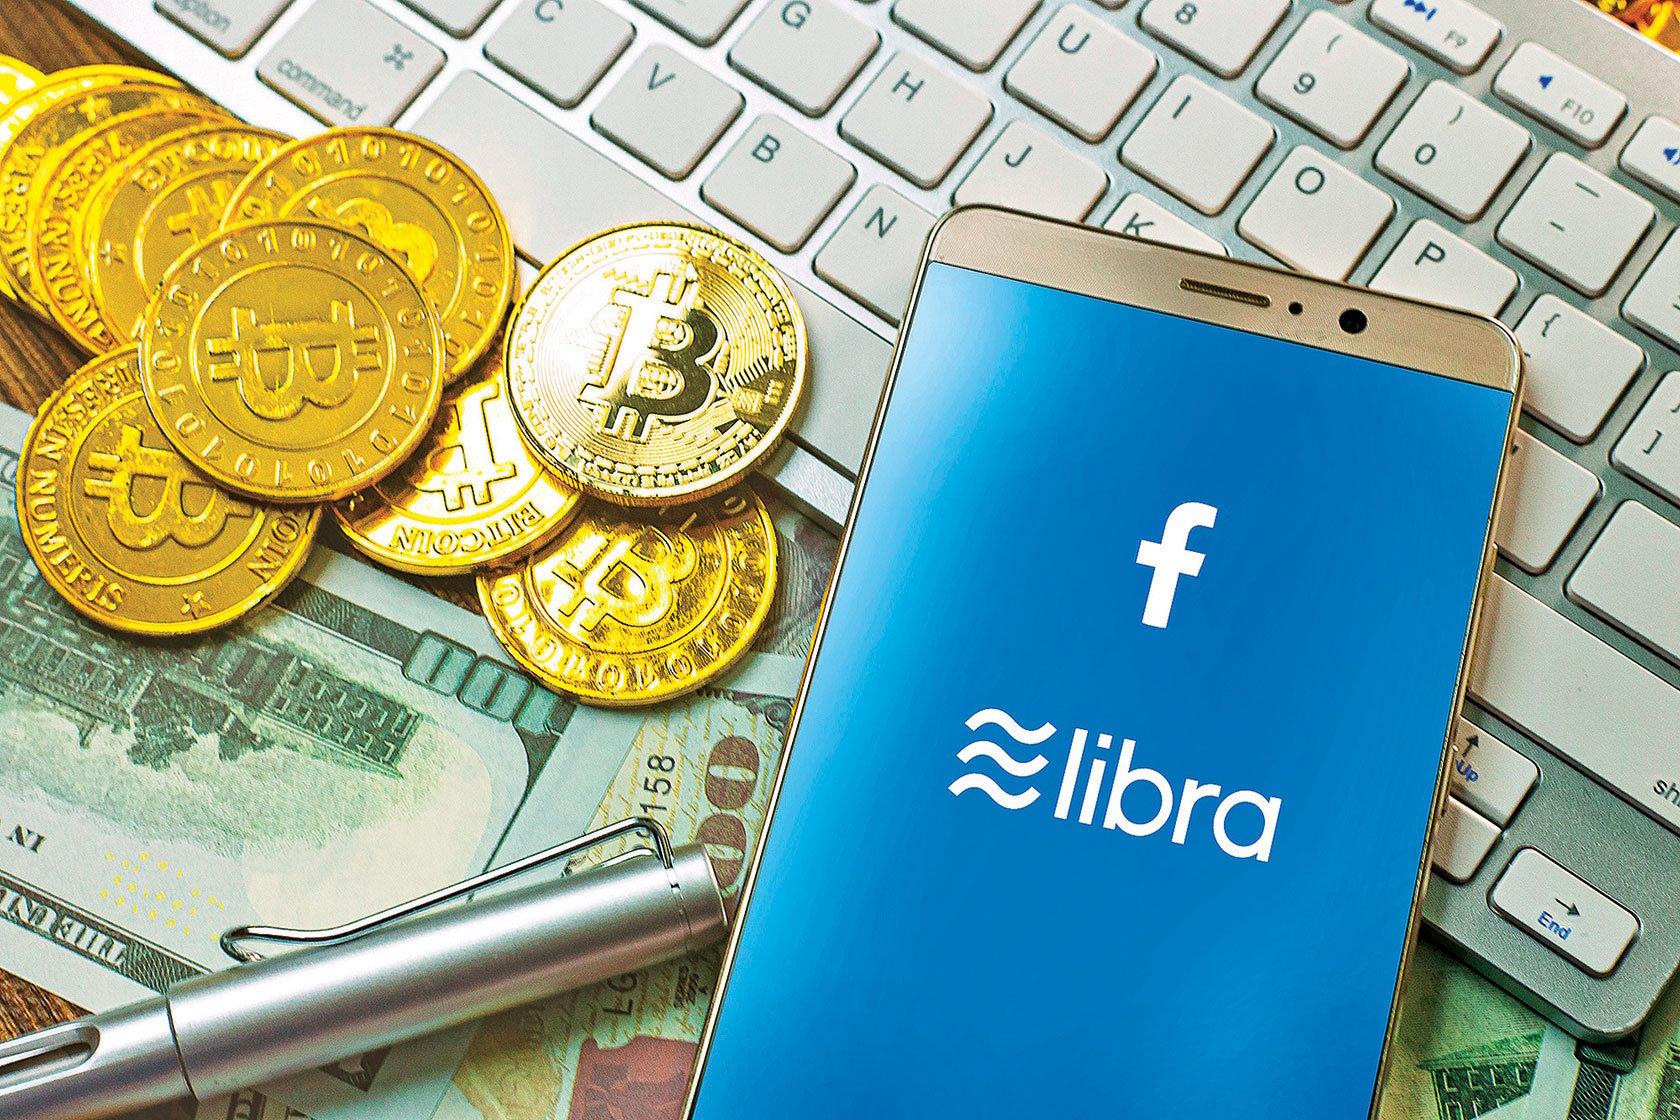 臉書還未推出加密貨幣「Libra」,就引來眾多騙子,臉書也因為詐騙廣告而被判賠款。(Shutterstock)